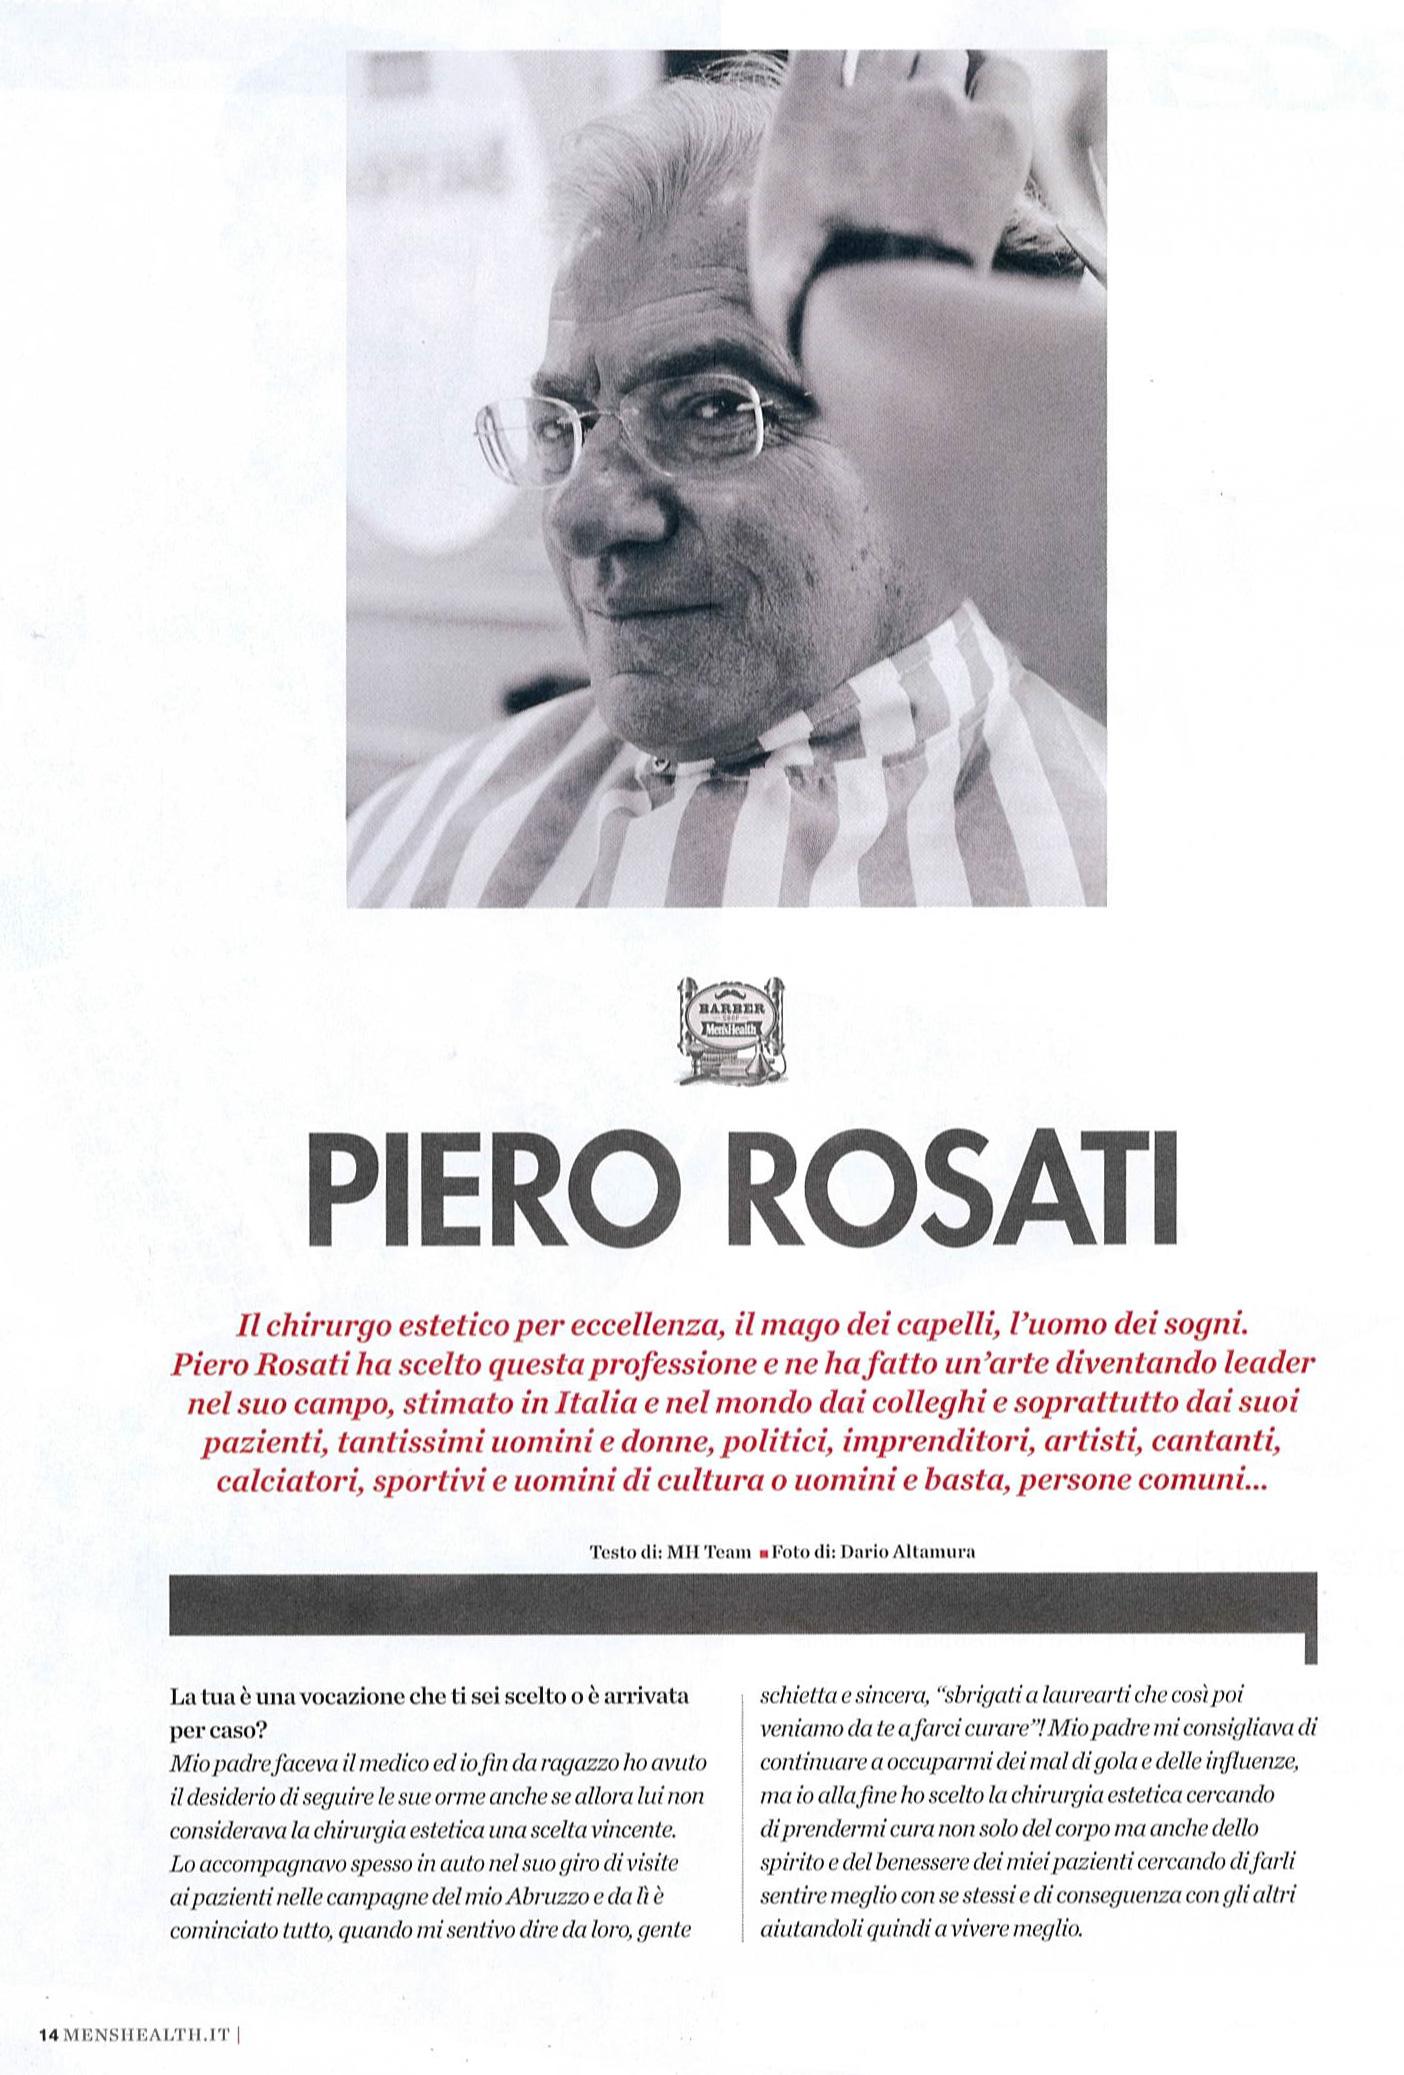 Piero Rosati: il mago dei capelli, l'uomo dei sogni - Men's Health articolo 1